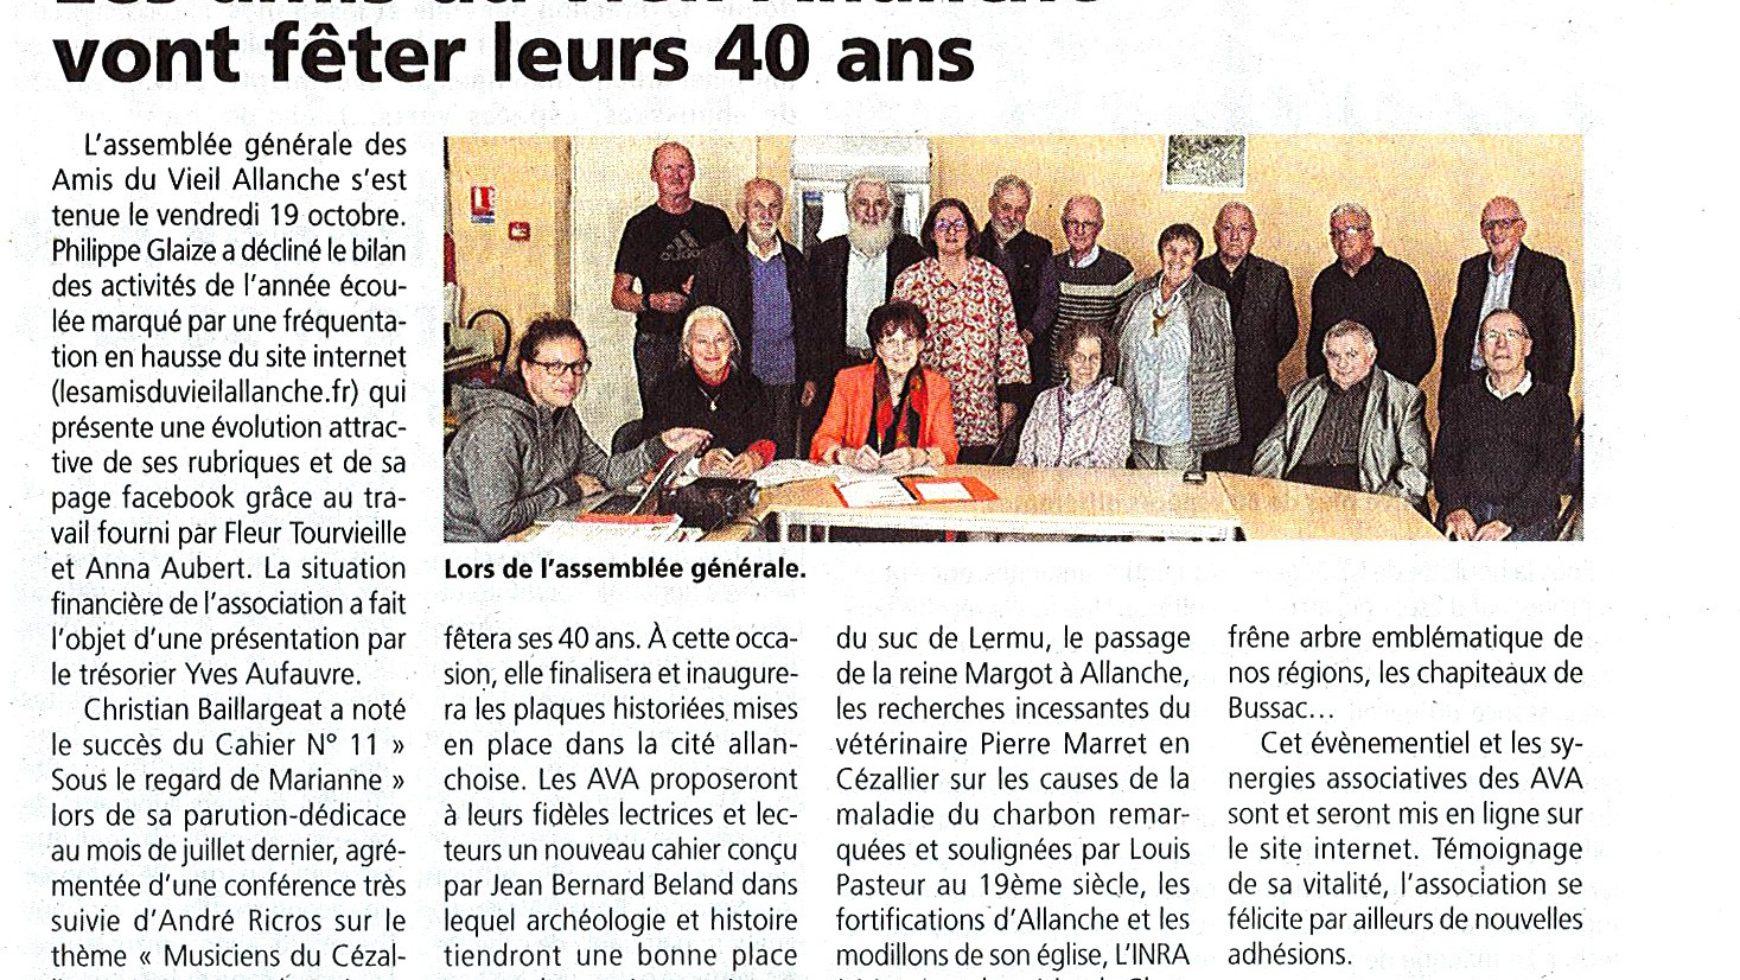 Les AVA vont fêter leurs 40 ans – La Voix du Cantal – 25 octobre 2018